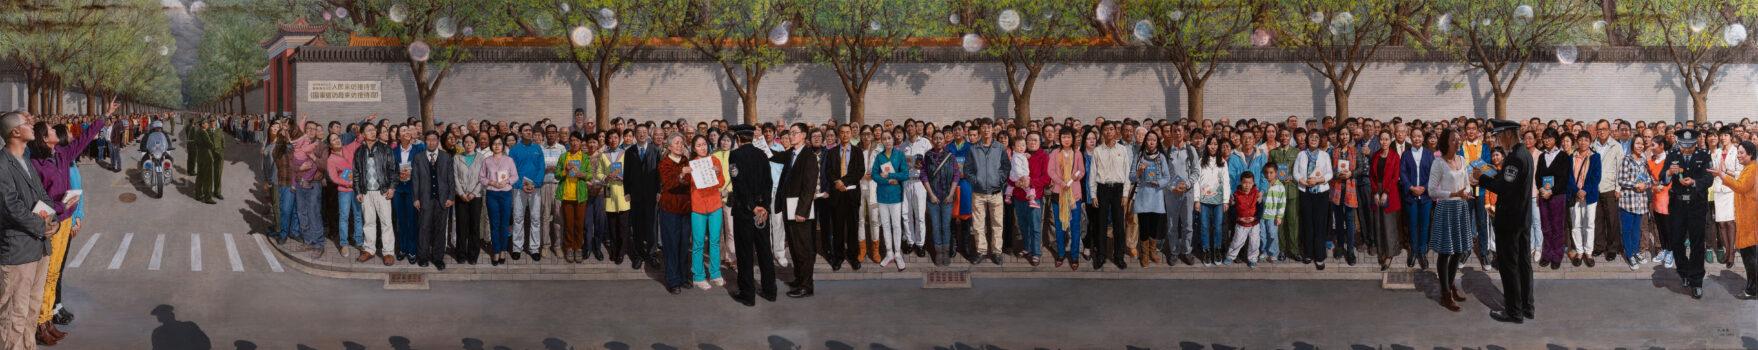 Peking Falun Gong